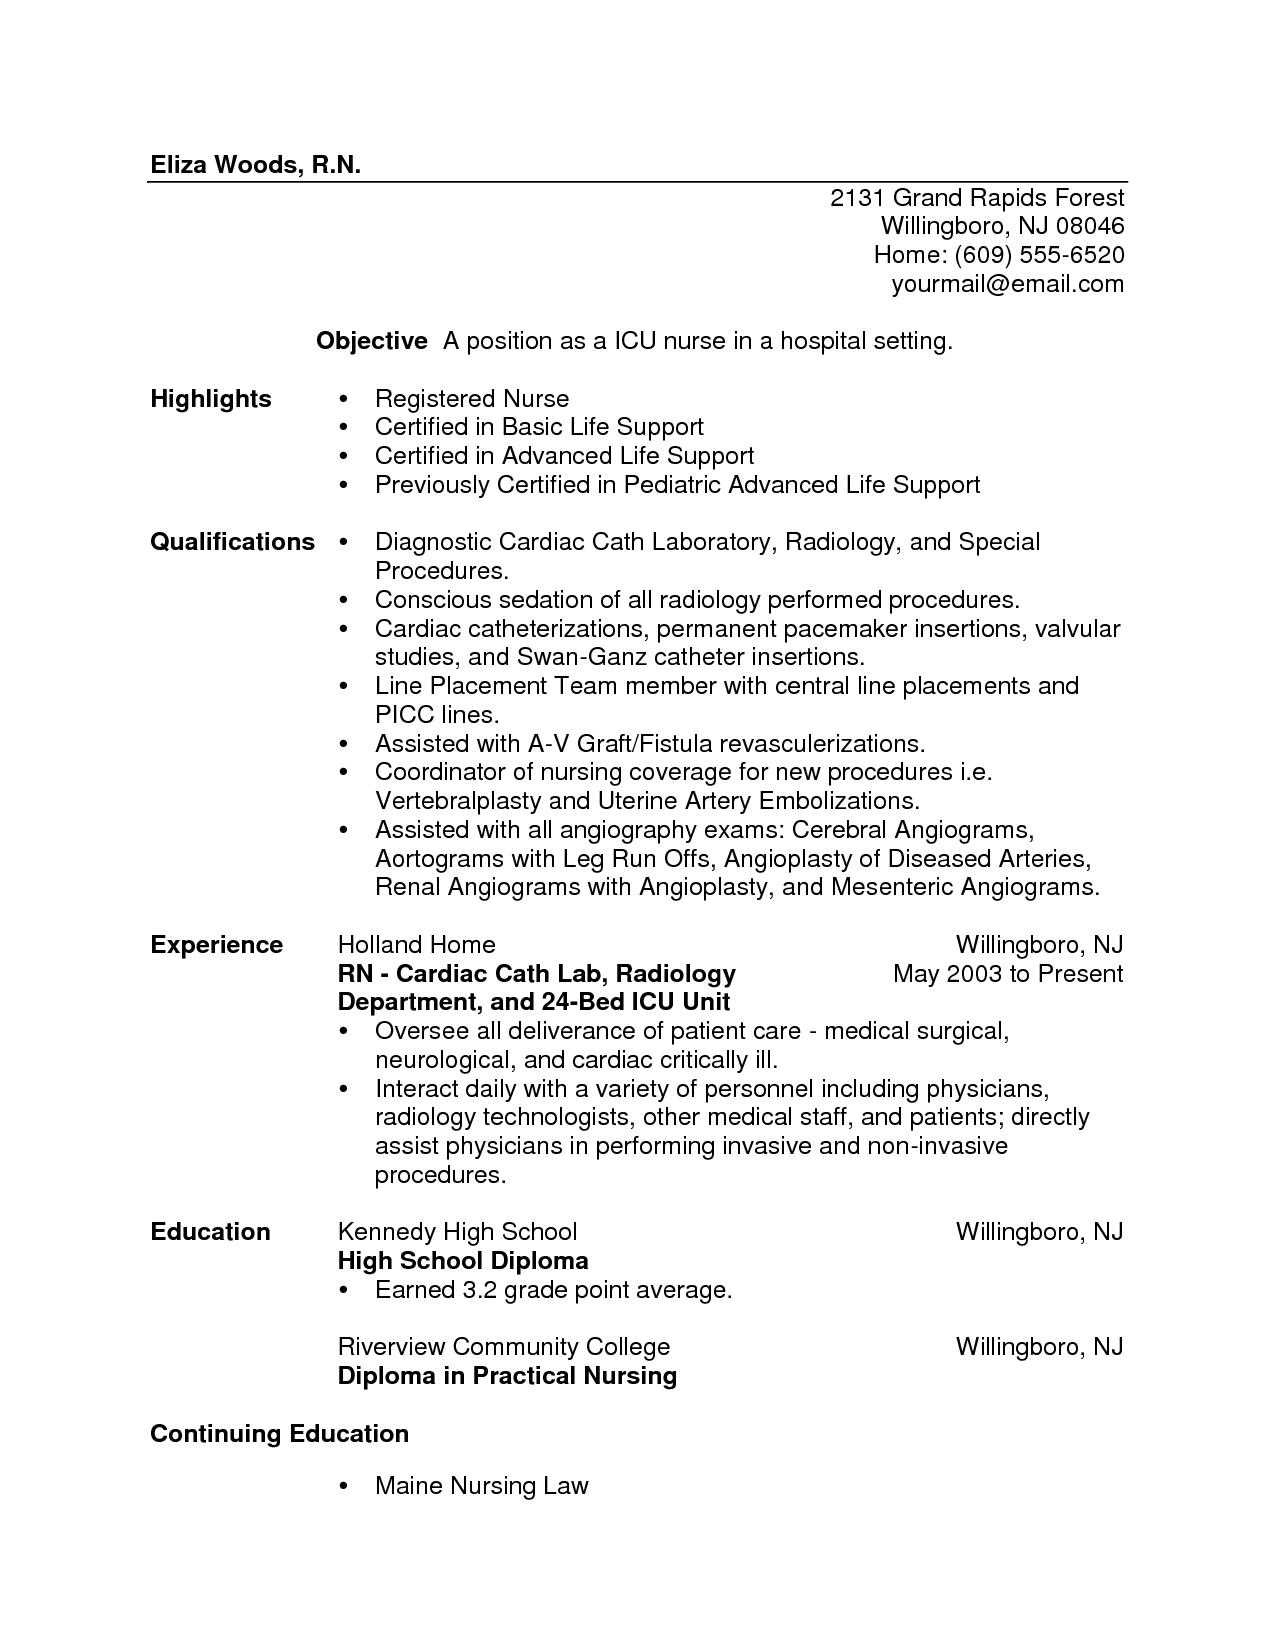 Icu Resumes For Nurses Icu Nurse Resume Sample 4 New Grad Nursing Resume Nursing Resume Nursing Resume Template